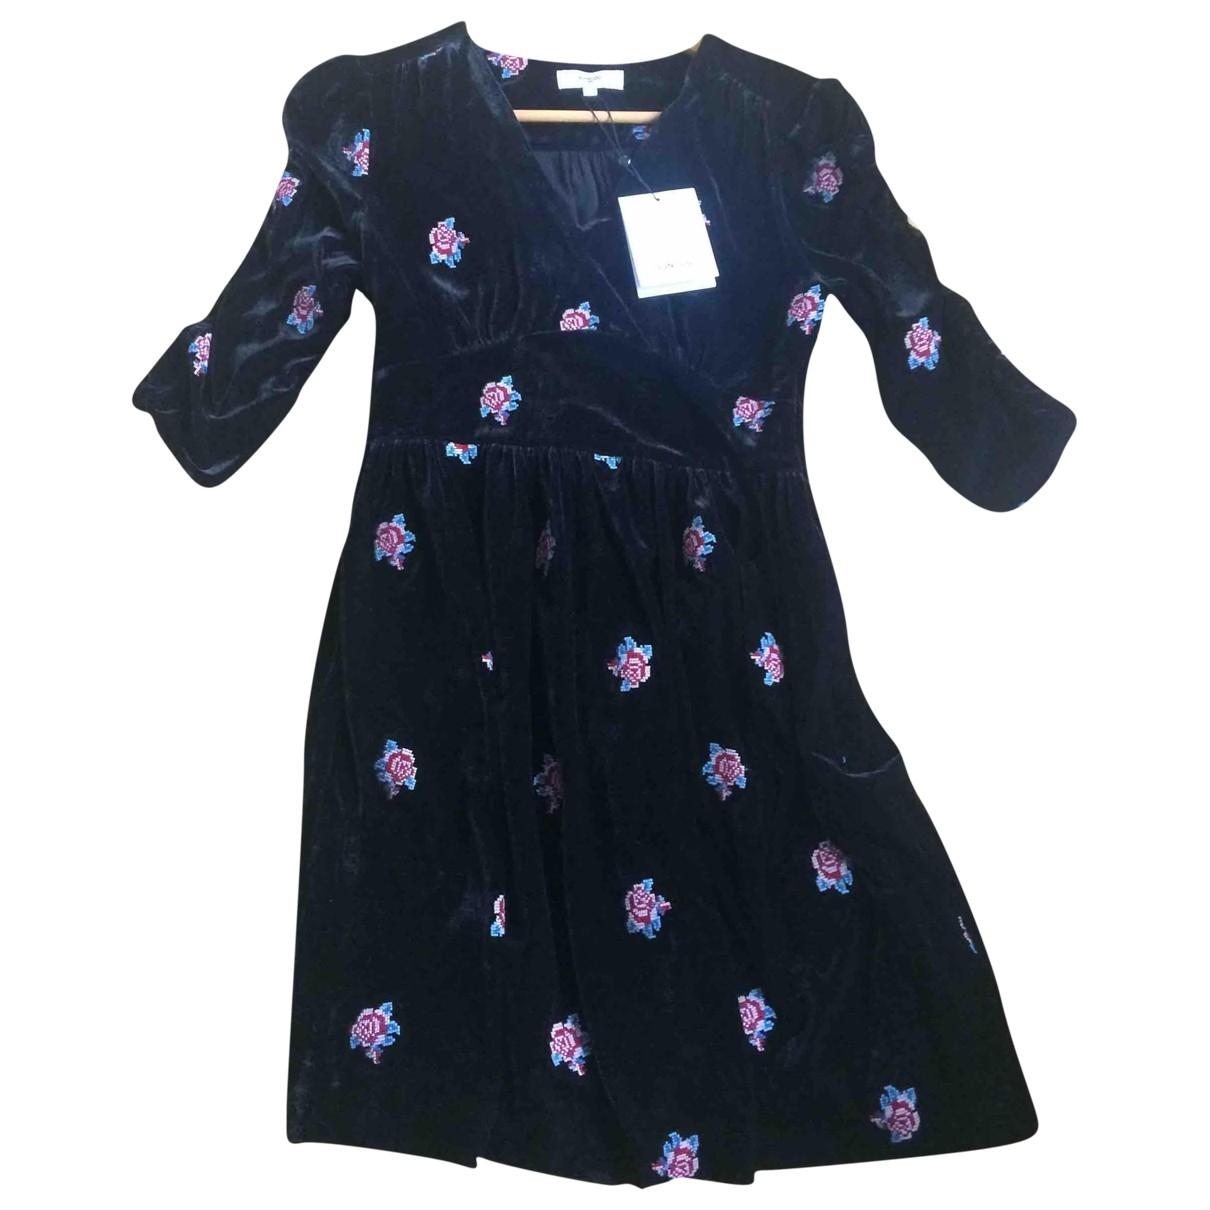 Suncoo \N Kleid in  Schwarz Polyester